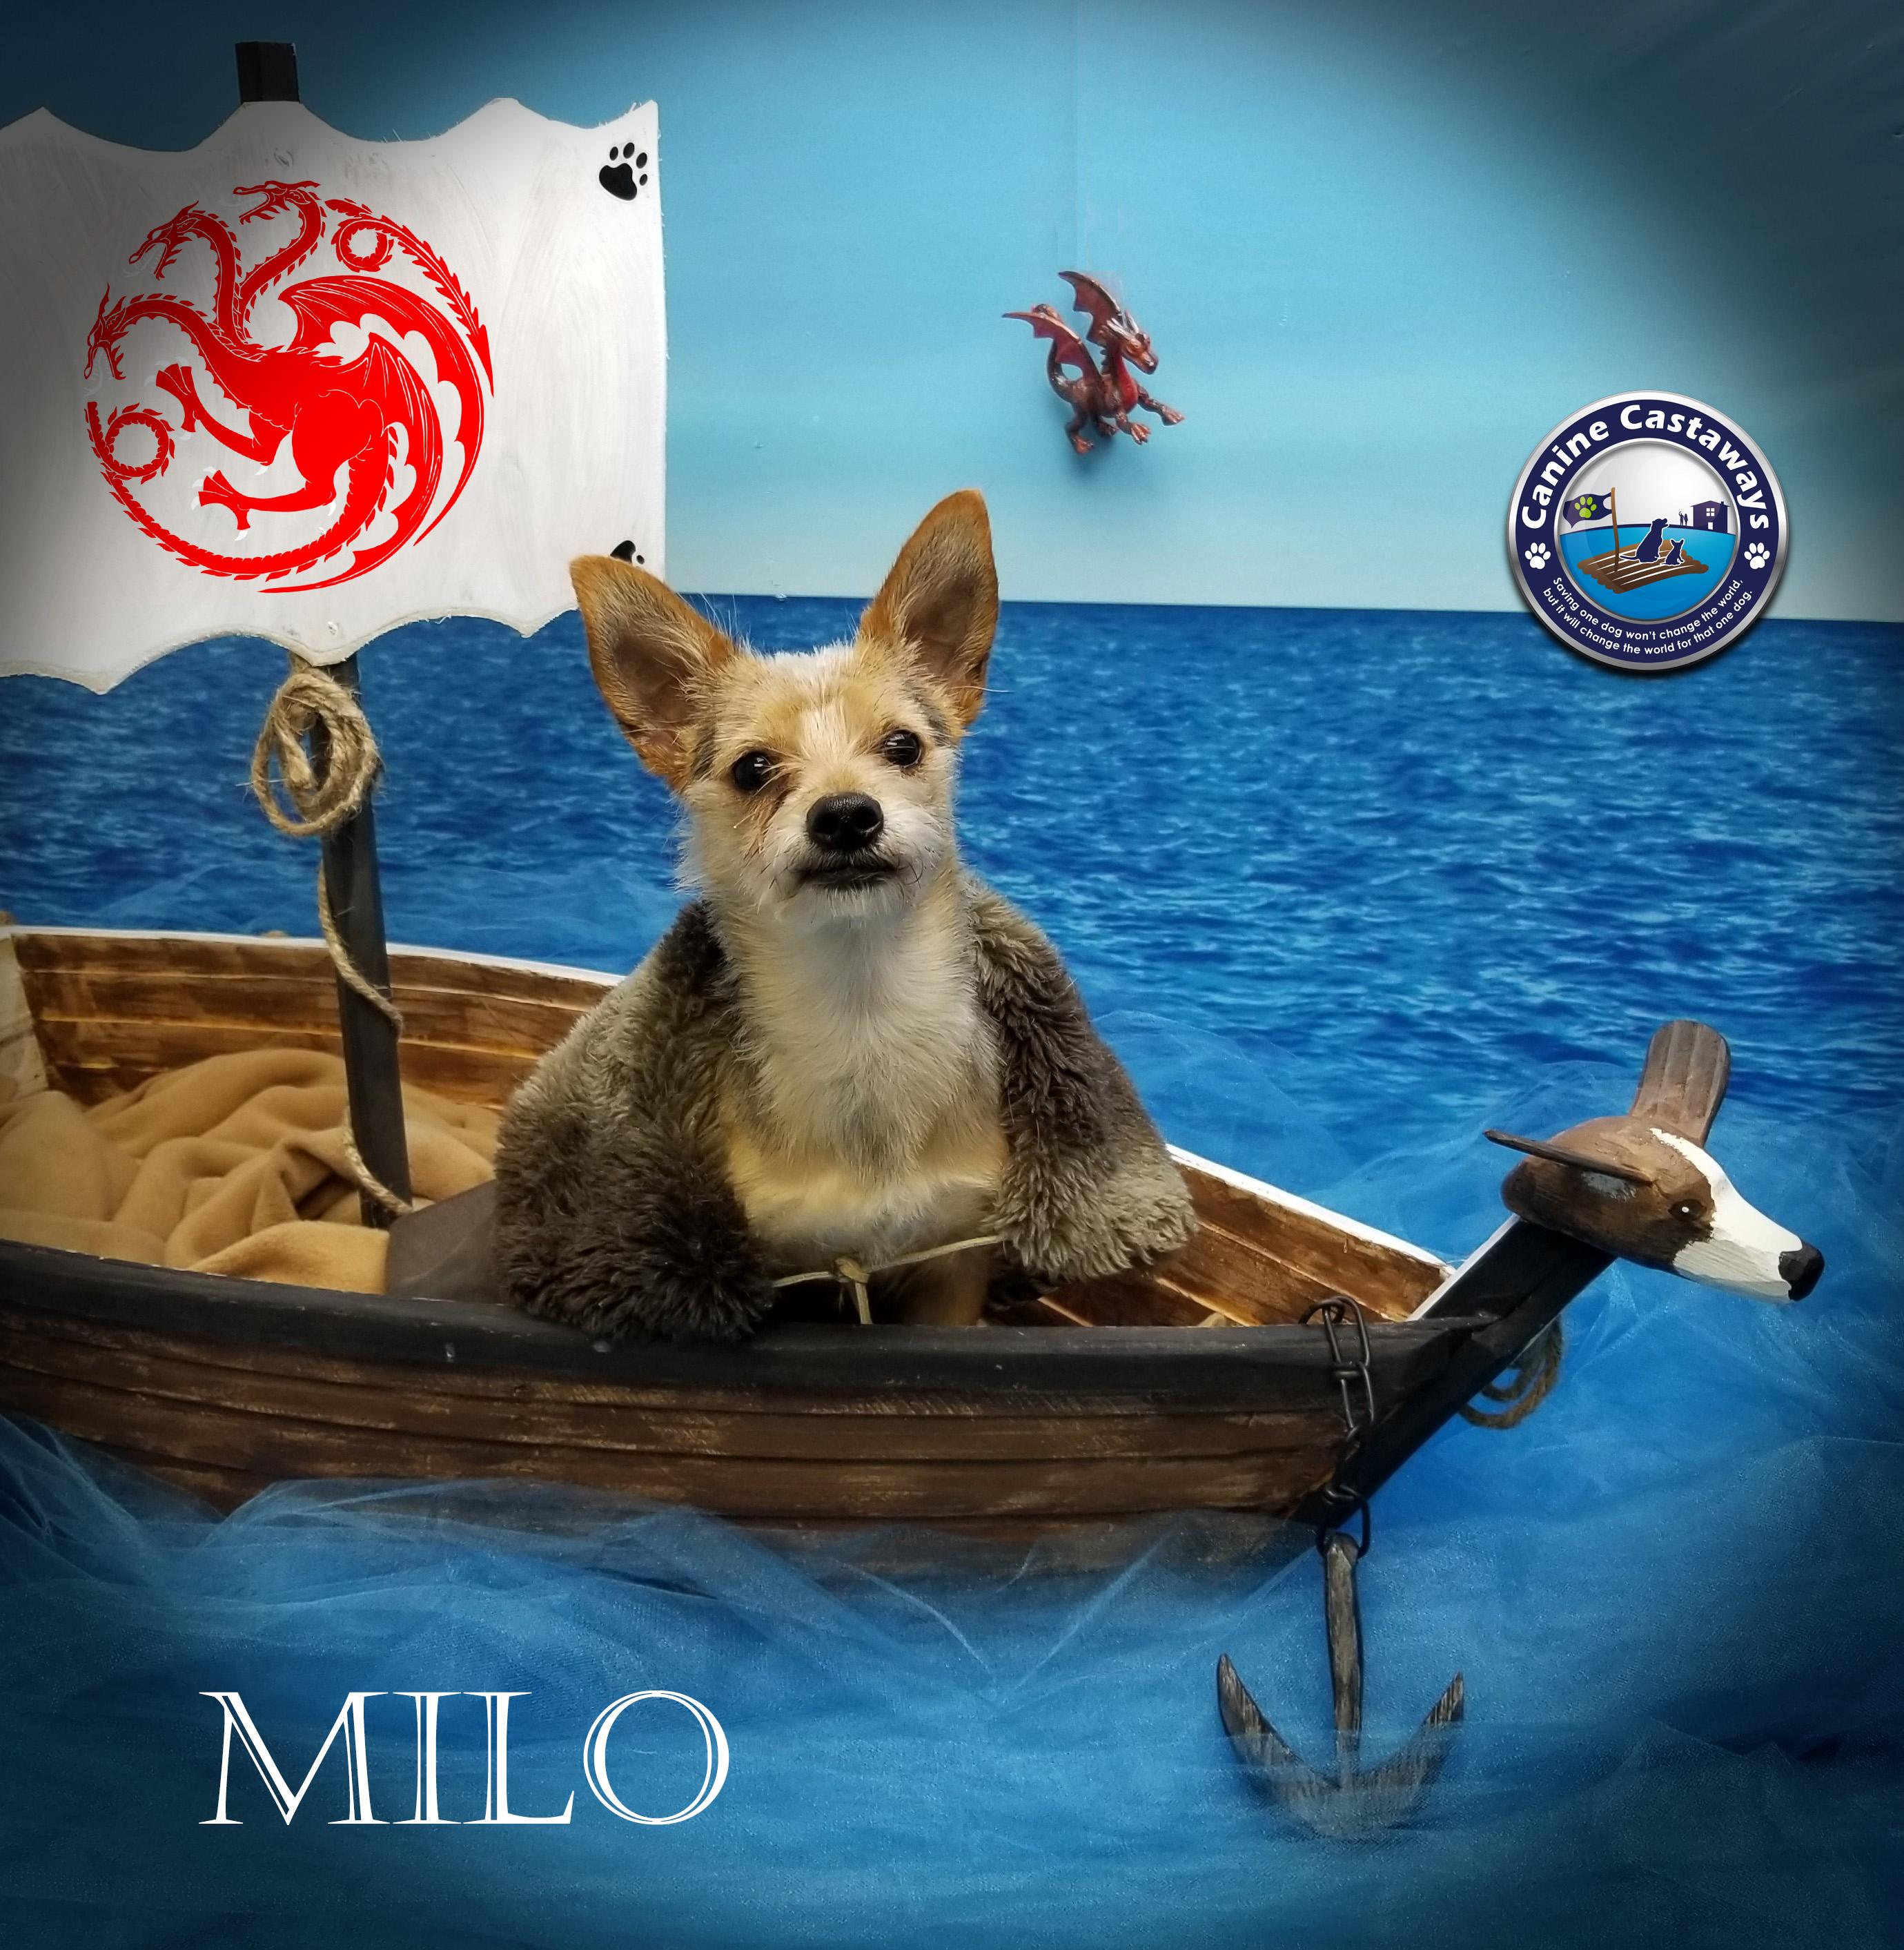 Milo 0518 ship